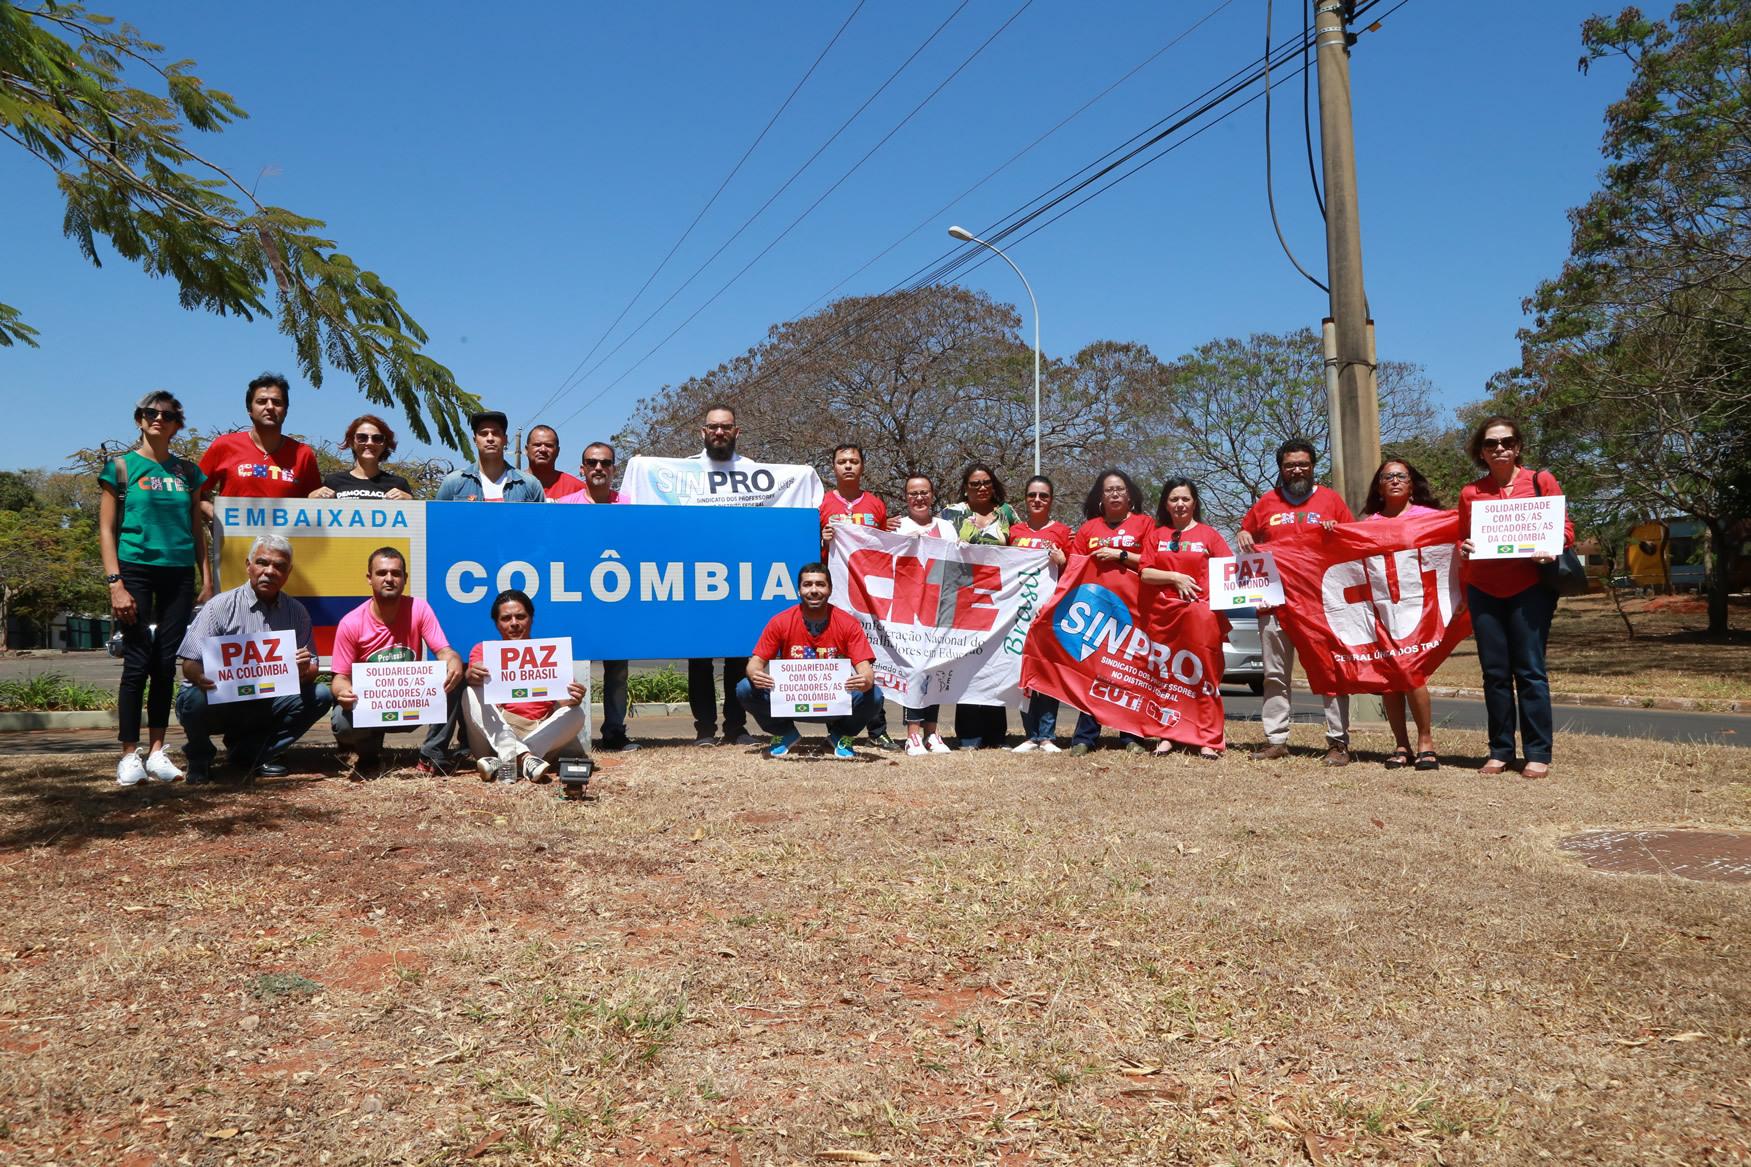 2019.09.12-Ato-Embaixada-Colombia_fotos-ECOM-3